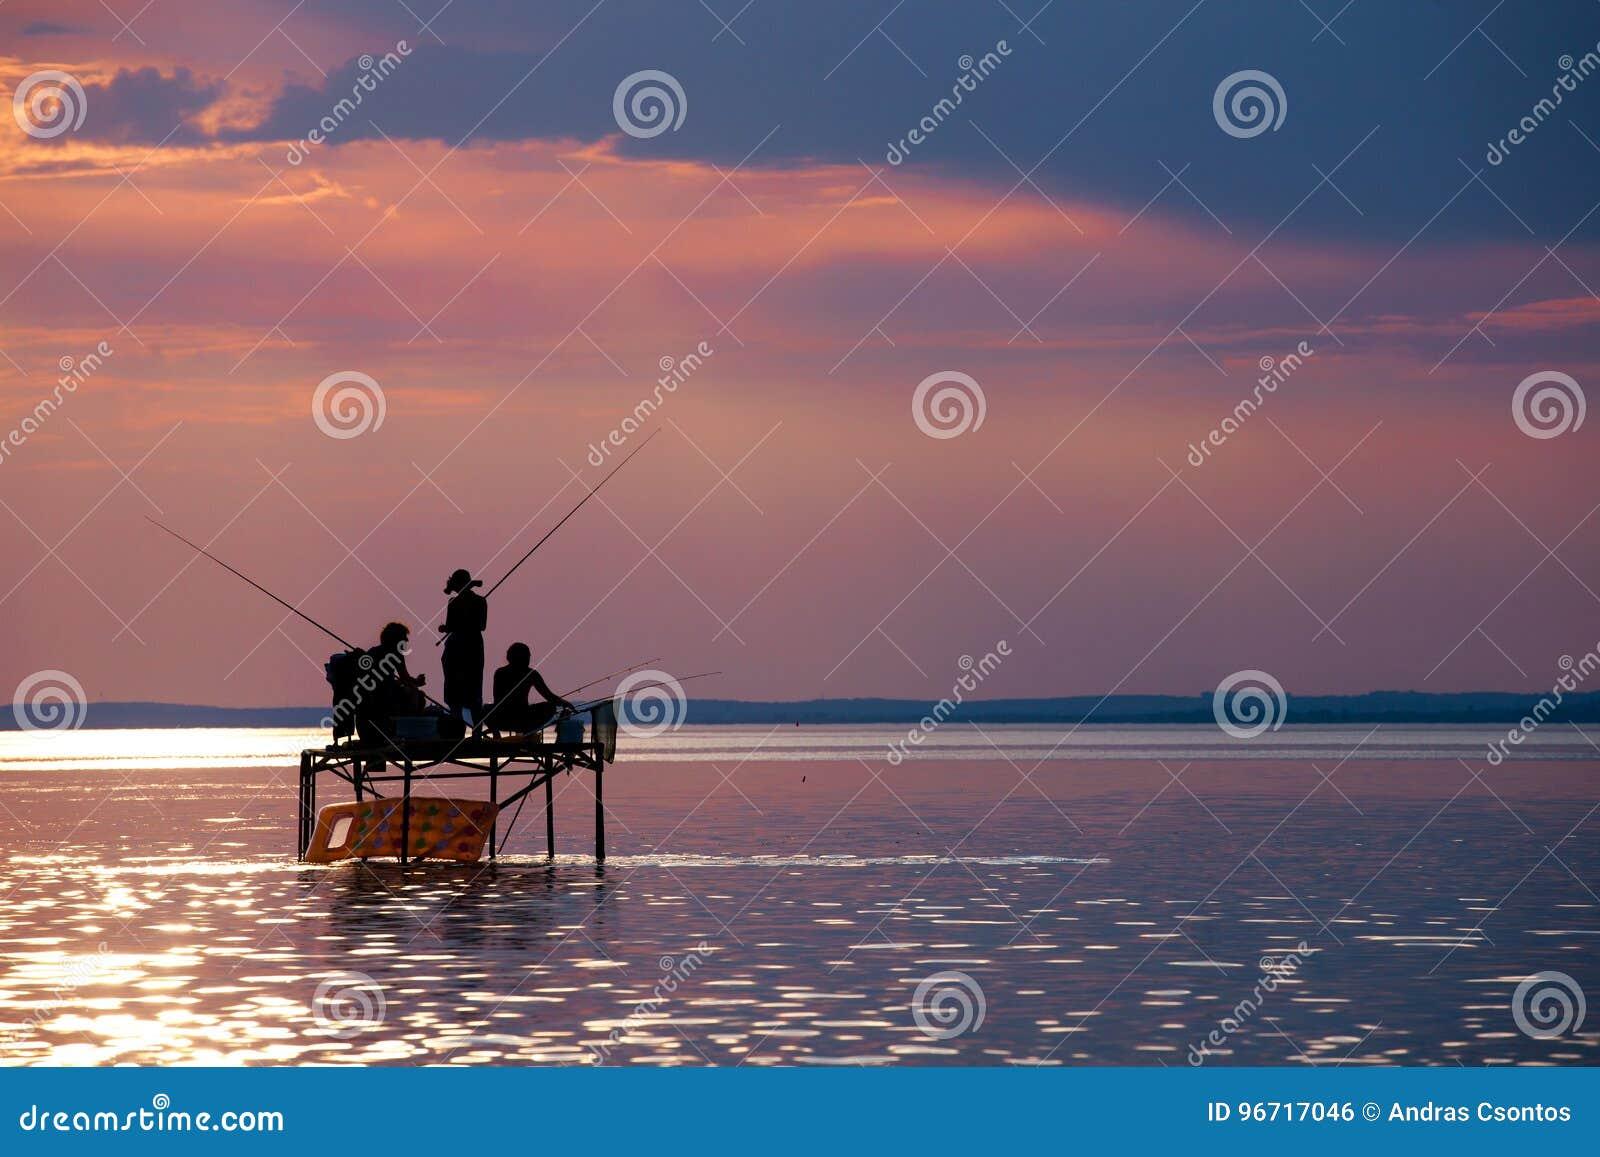 Σκιαγραφίες ψαράδων ` σε μια στάση αλιείας στο ηλιοβασίλεμα στη λίμνη Balat